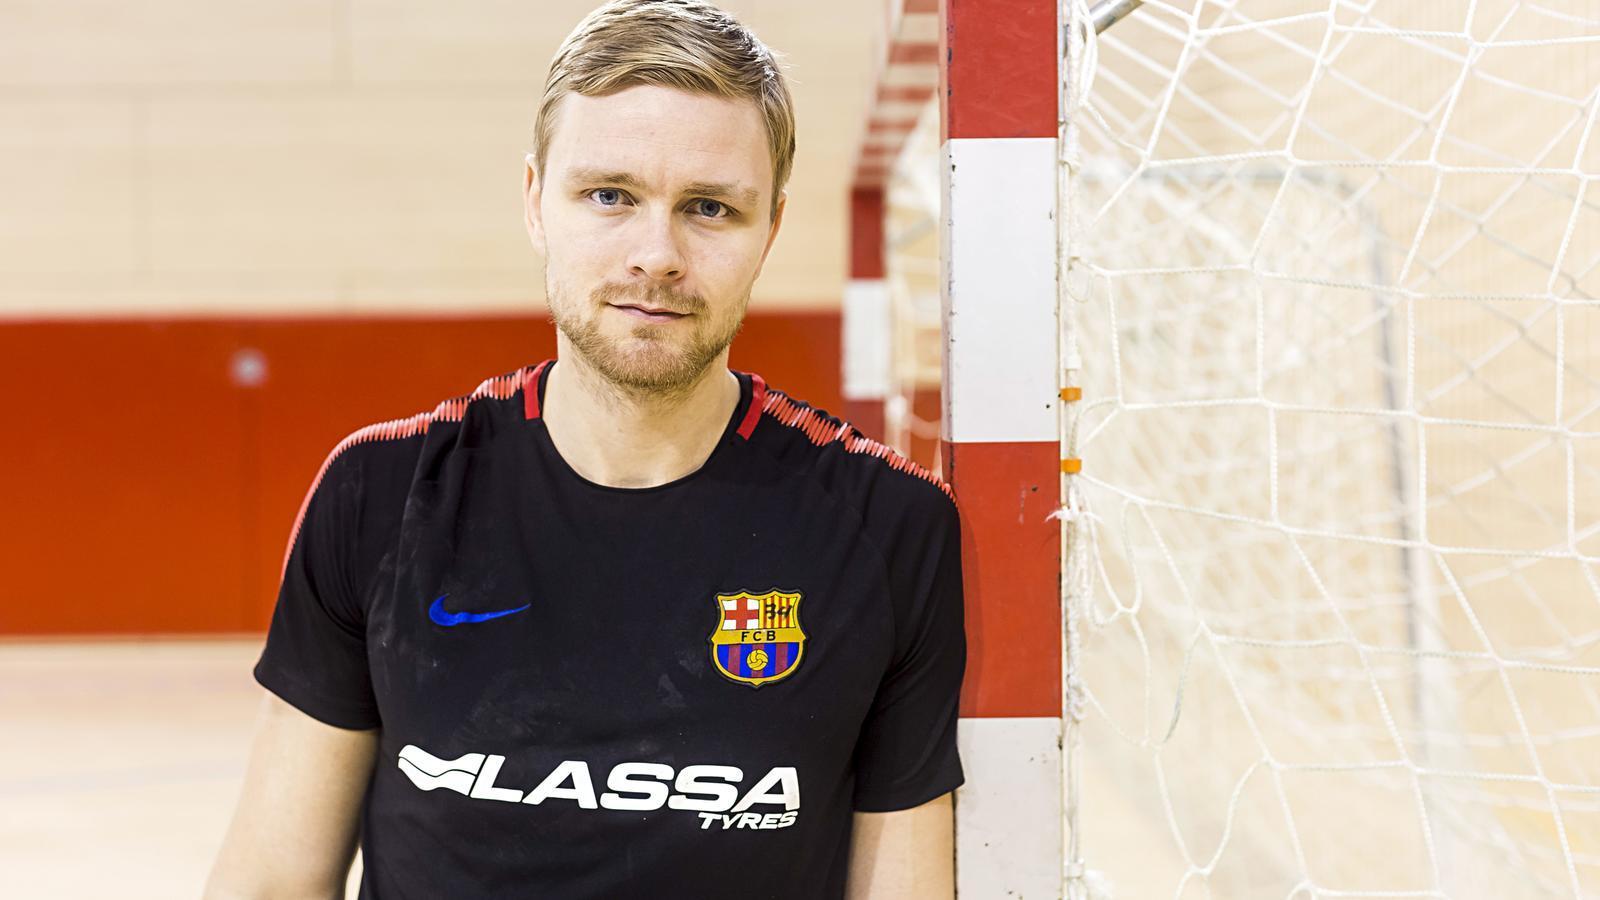 El jugador del Barça Lassa d'handbol Aron Pálmarsson